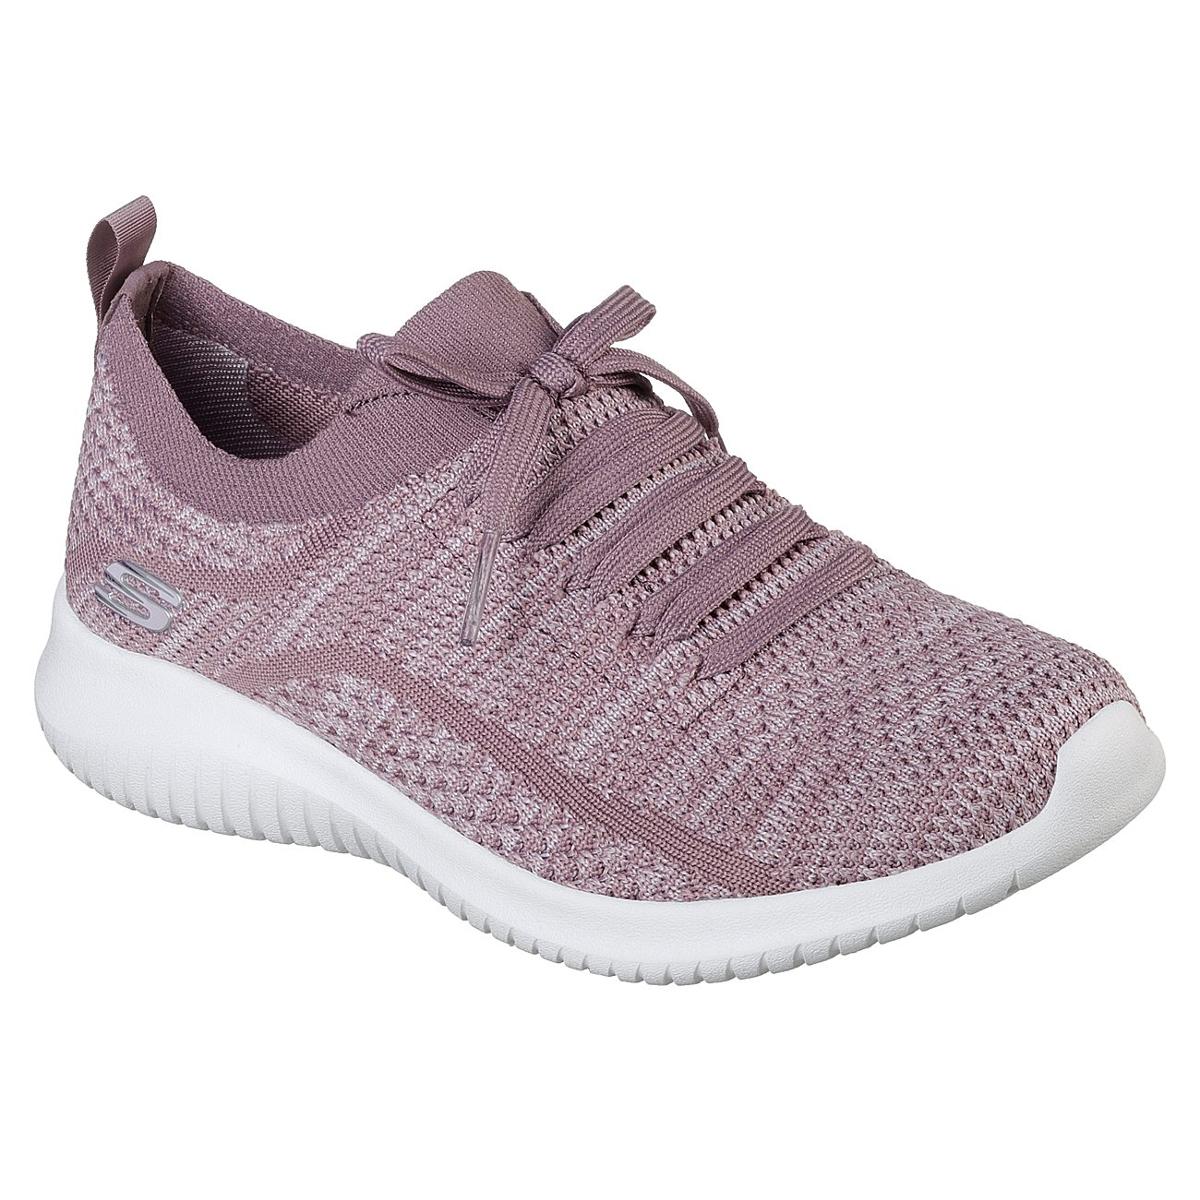 """Skechers Women's Ultra Flex A """" Statements Sneakers - Purple, 7"""